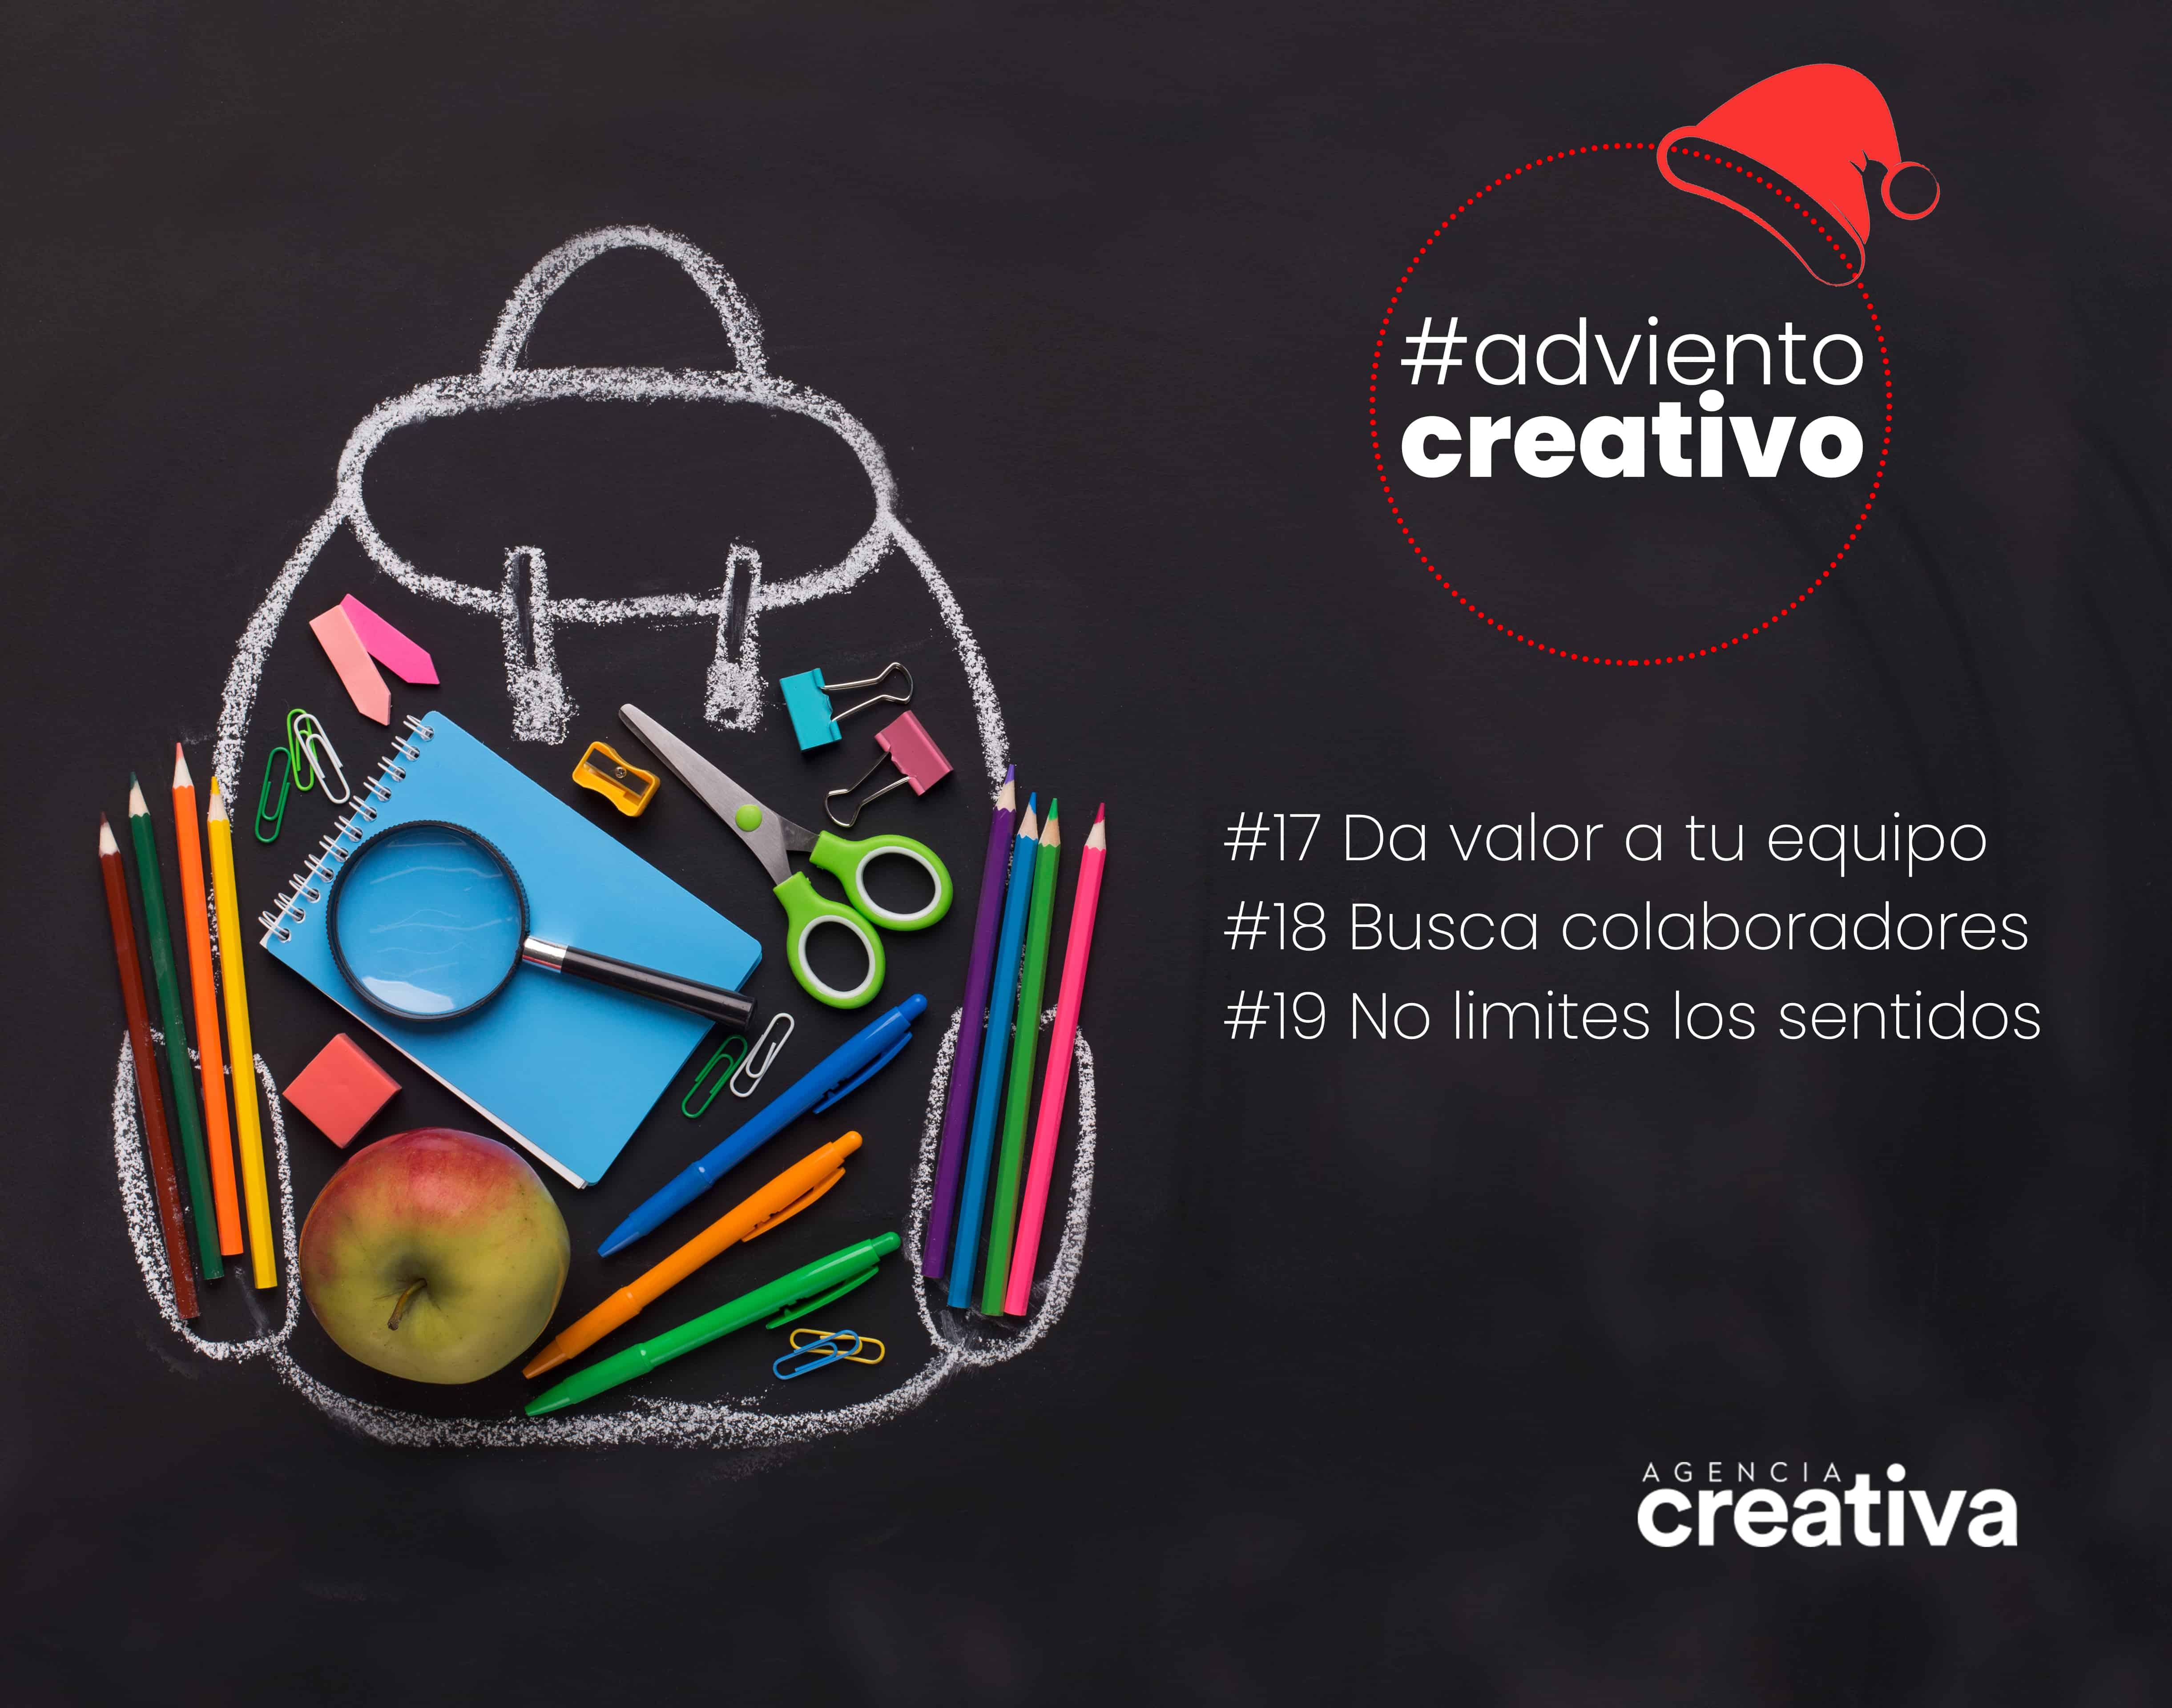 Adviento Creativo 2019: 24 tips de comunicación 9